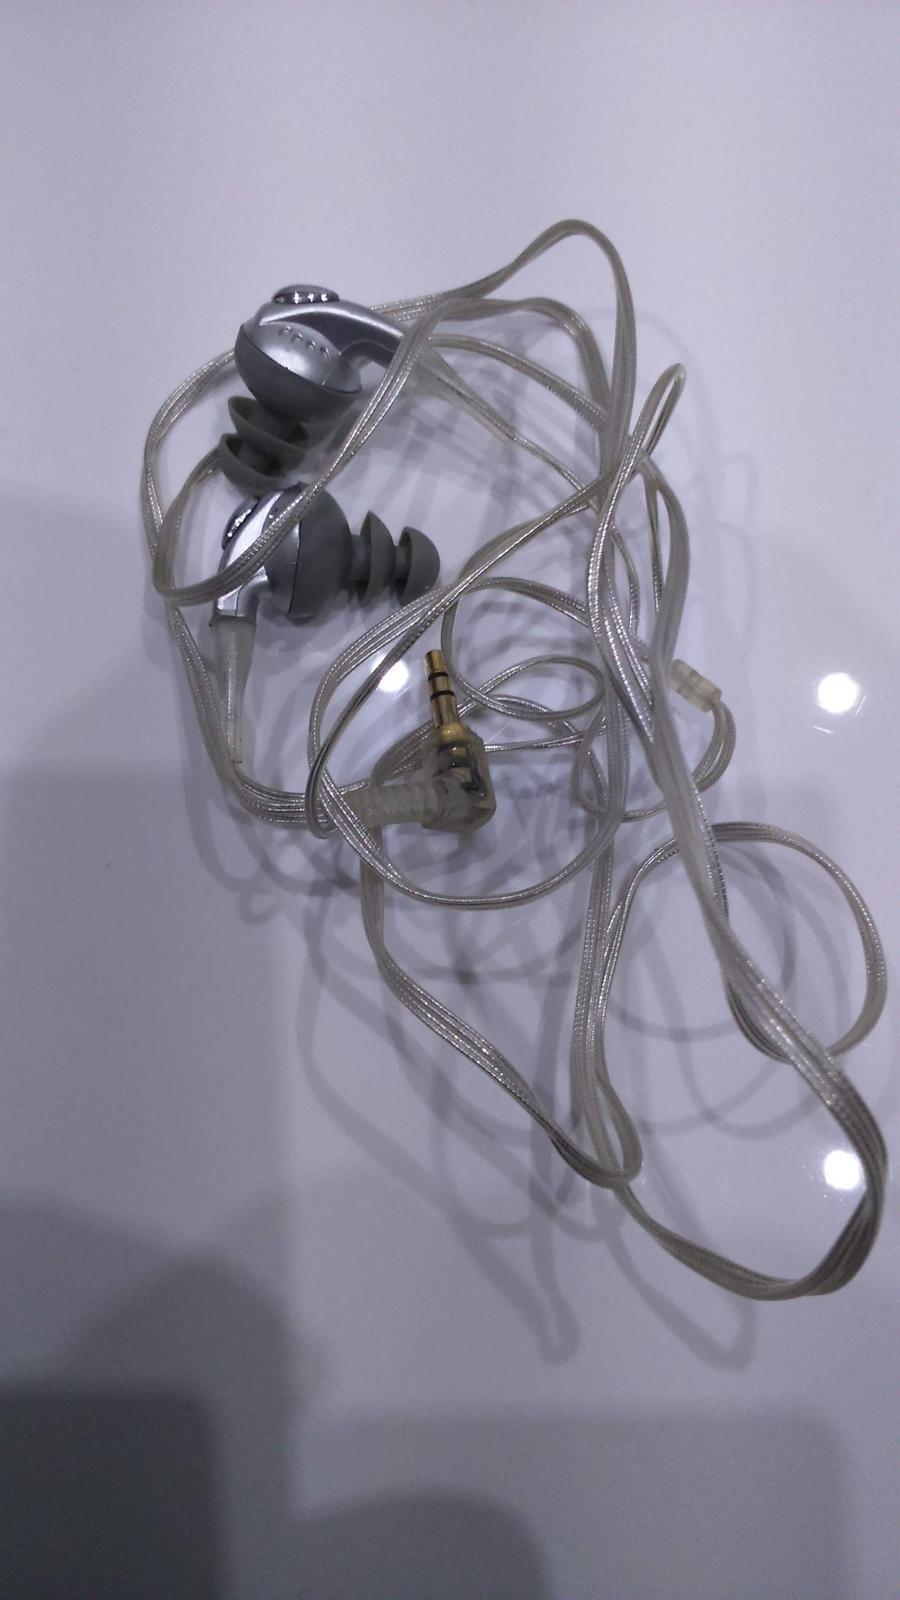 slúchadlá - Obrázok č. 1